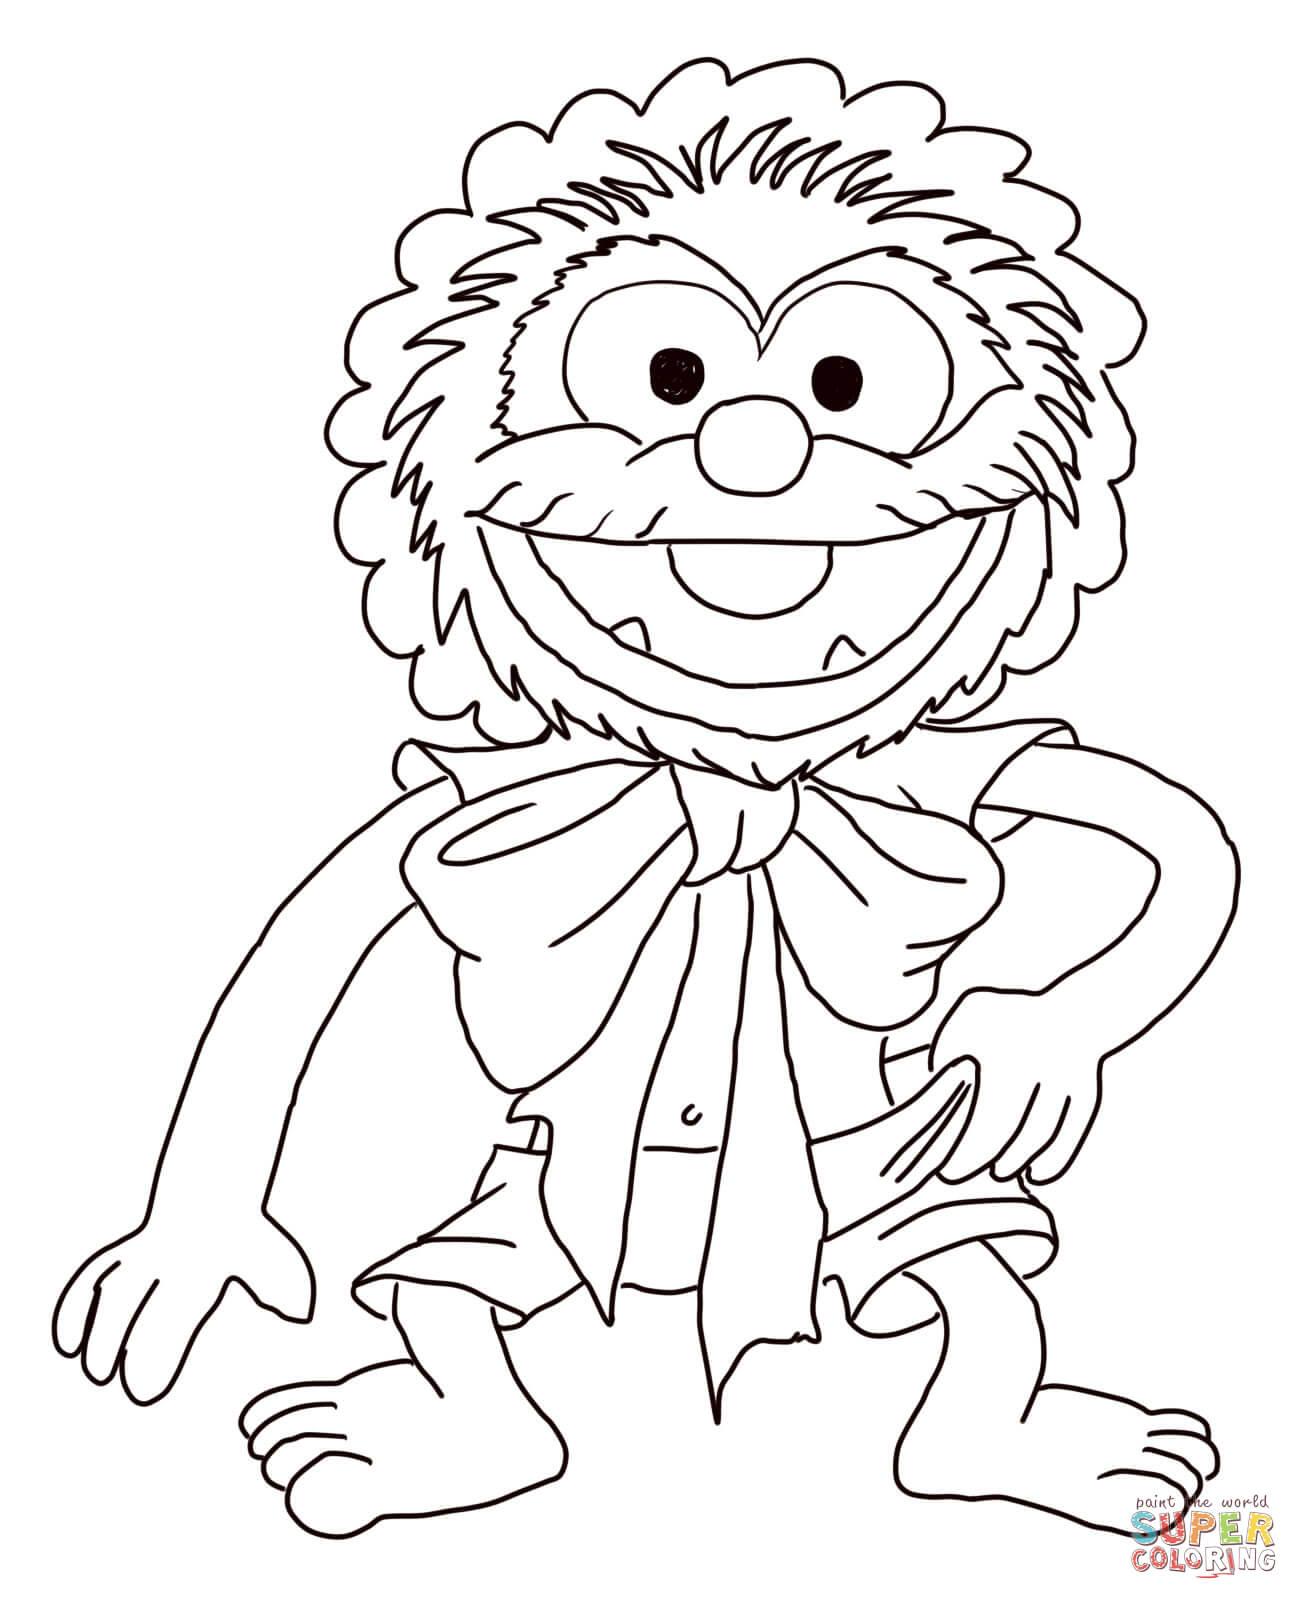 muppet supercoloring com